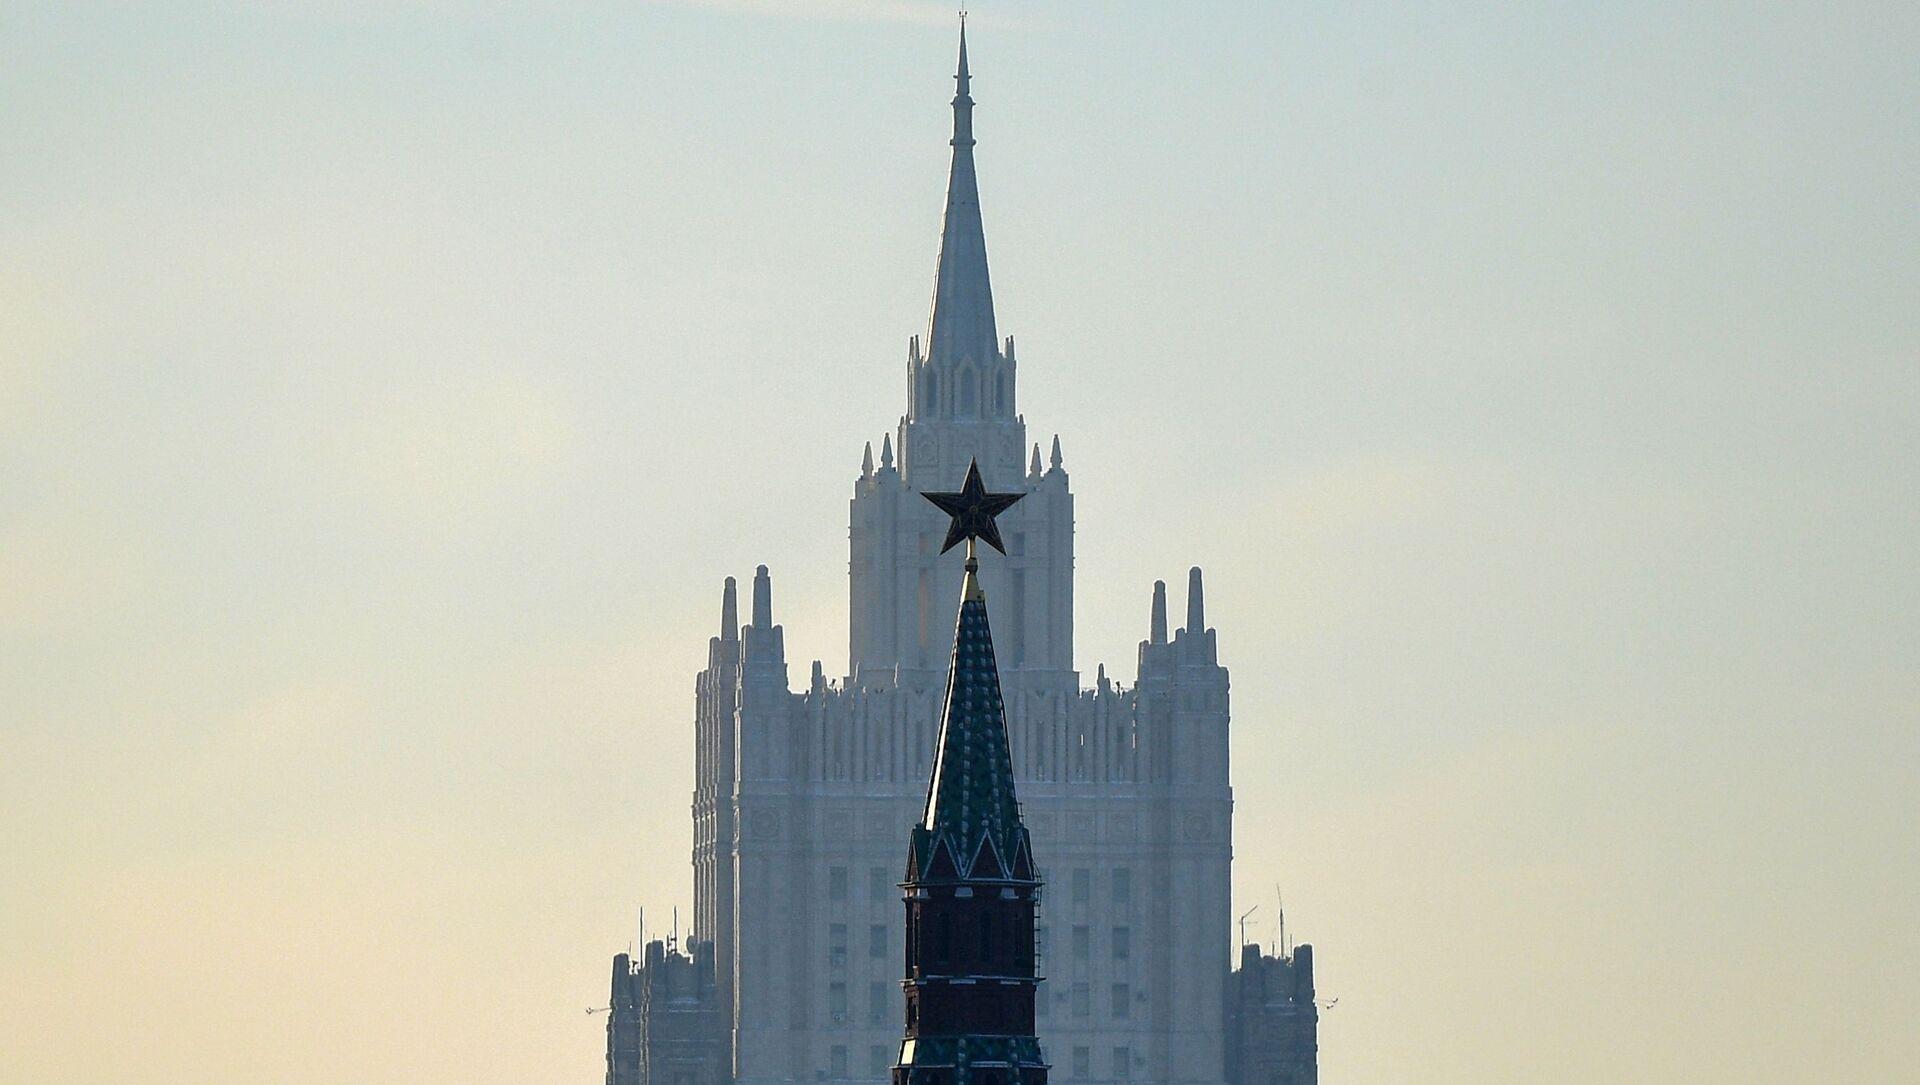 Une vue sur le bâtiment du ministère russe des Affaires étrangères - Sputnik France, 1920, 08.02.2021